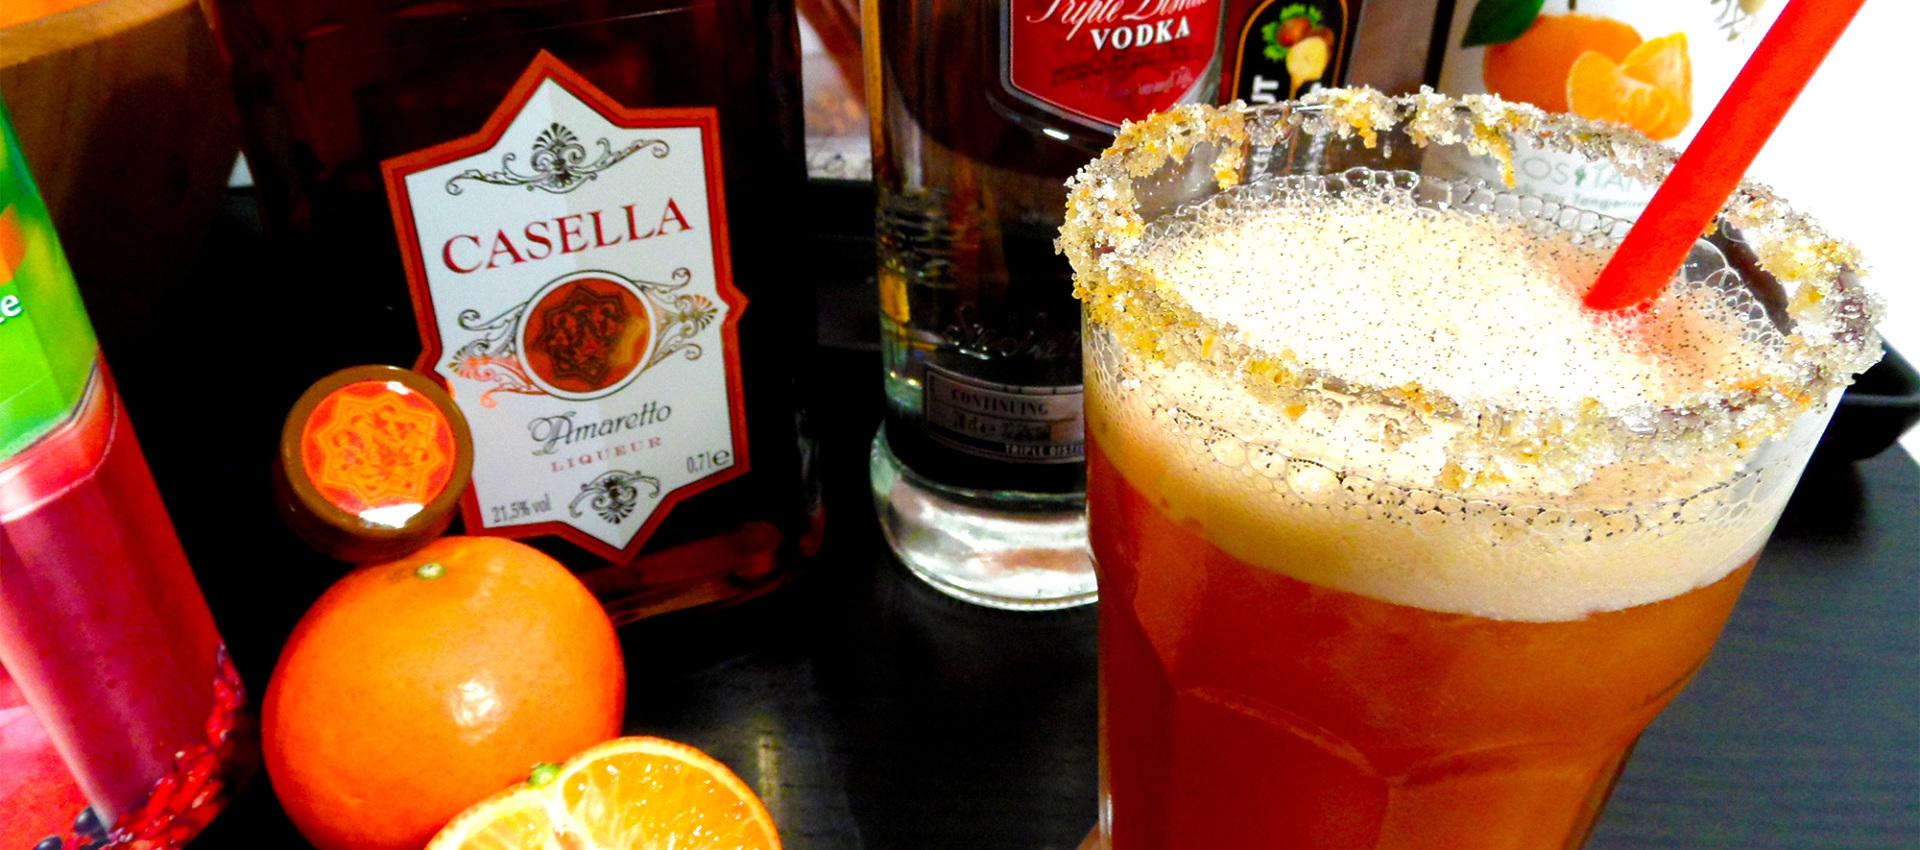 Rezept weihnachtlicher Cocktail mit Vanille, Amaretto & Wodka